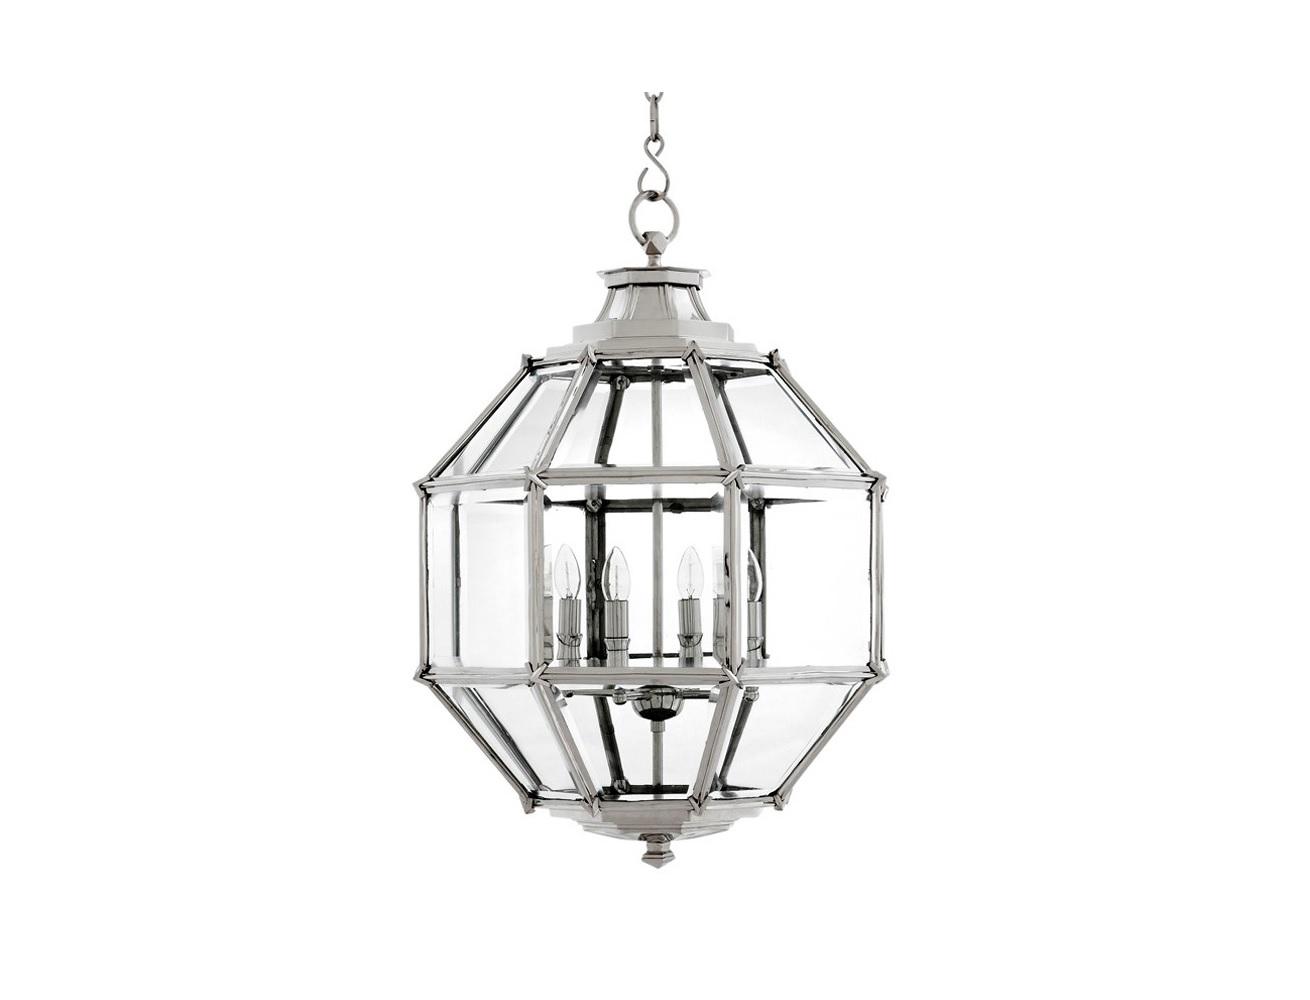 Подвесная люстра OwenЛюстры подвесные<br>Подвесной светильник-латерна из коллекции Owen на арматуре из никелированного металла. Плафон выполнен из прозрачного стекла. Высота светильника регулируется за счет звеньев цепи.&amp;lt;div&amp;gt;&amp;lt;br&amp;gt;&amp;lt;/div&amp;gt;&amp;lt;div&amp;gt;&amp;lt;div&amp;gt;Вид цоколя: E14&amp;lt;/div&amp;gt;&amp;lt;div&amp;gt;Мощность лампы: 40W&amp;lt;/div&amp;gt;&amp;lt;div&amp;gt;Количество ламп: 4 (нет в комплекте)&amp;lt;/div&amp;gt;&amp;lt;/div&amp;gt;<br><br>Material: Металл<br>Ширина см: 60<br>Высота см: 83<br>Глубина см: 60